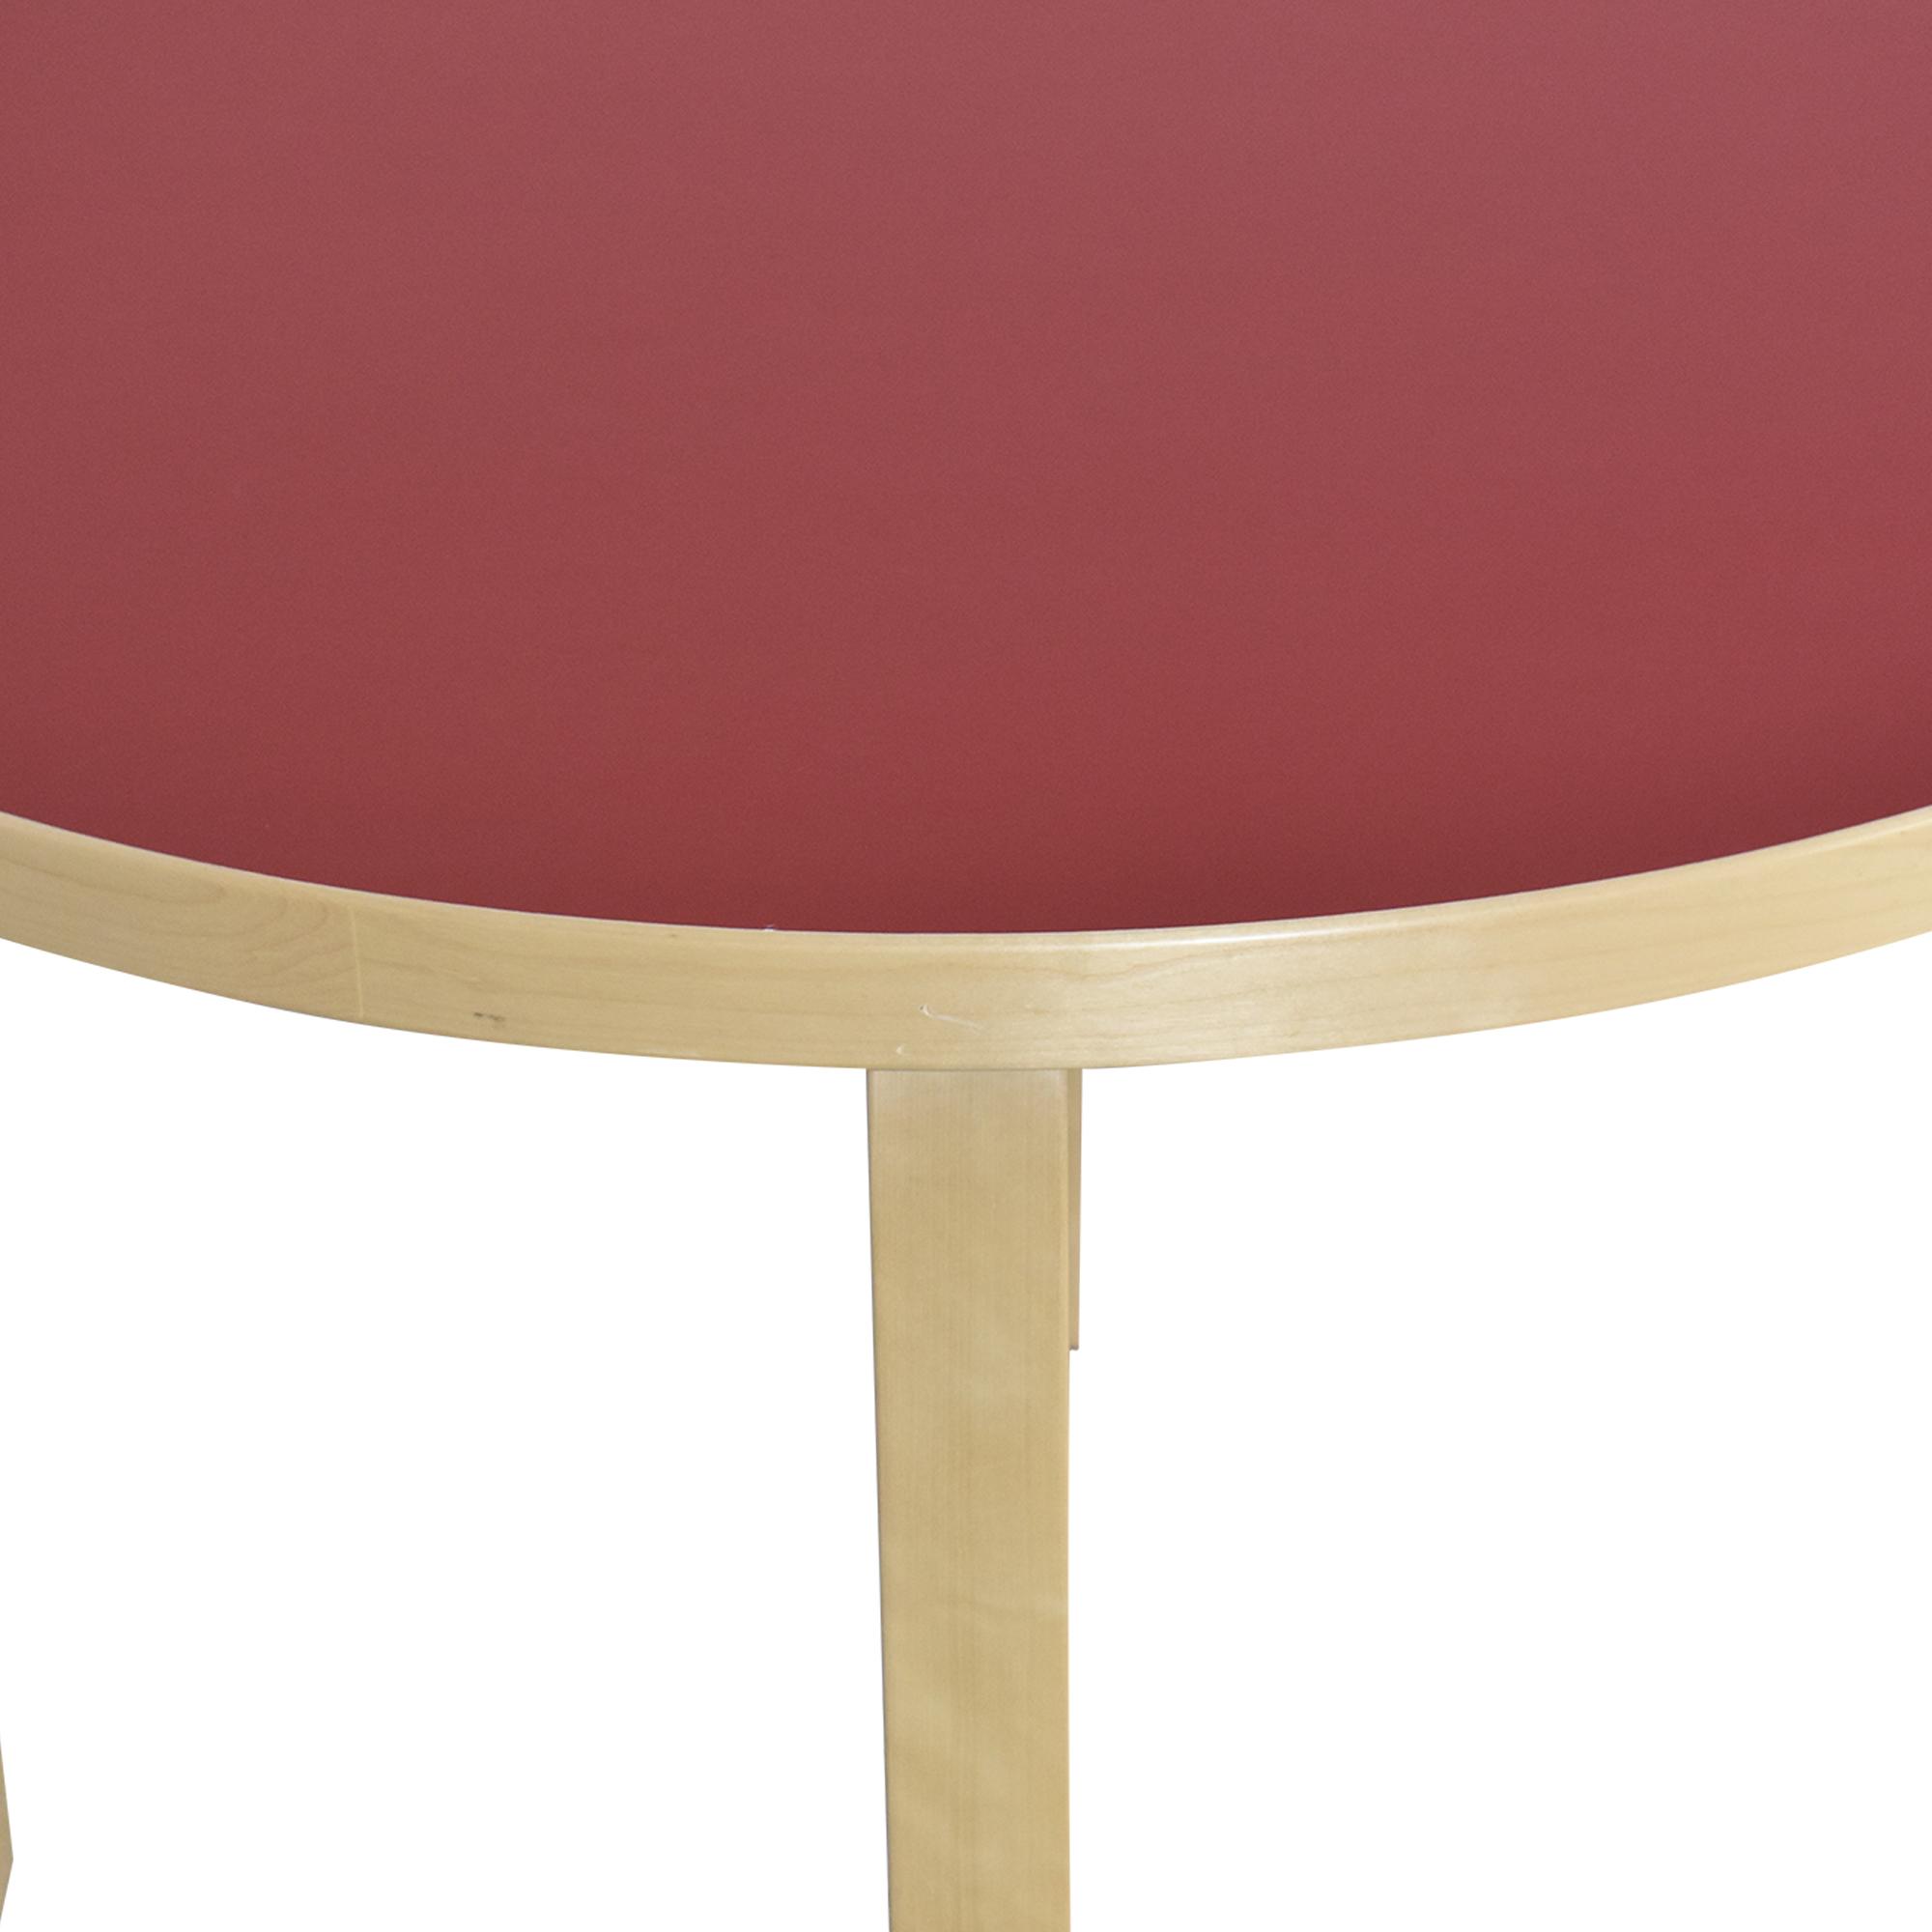 Artek Artek Alvar Aalto Table 90a Tables